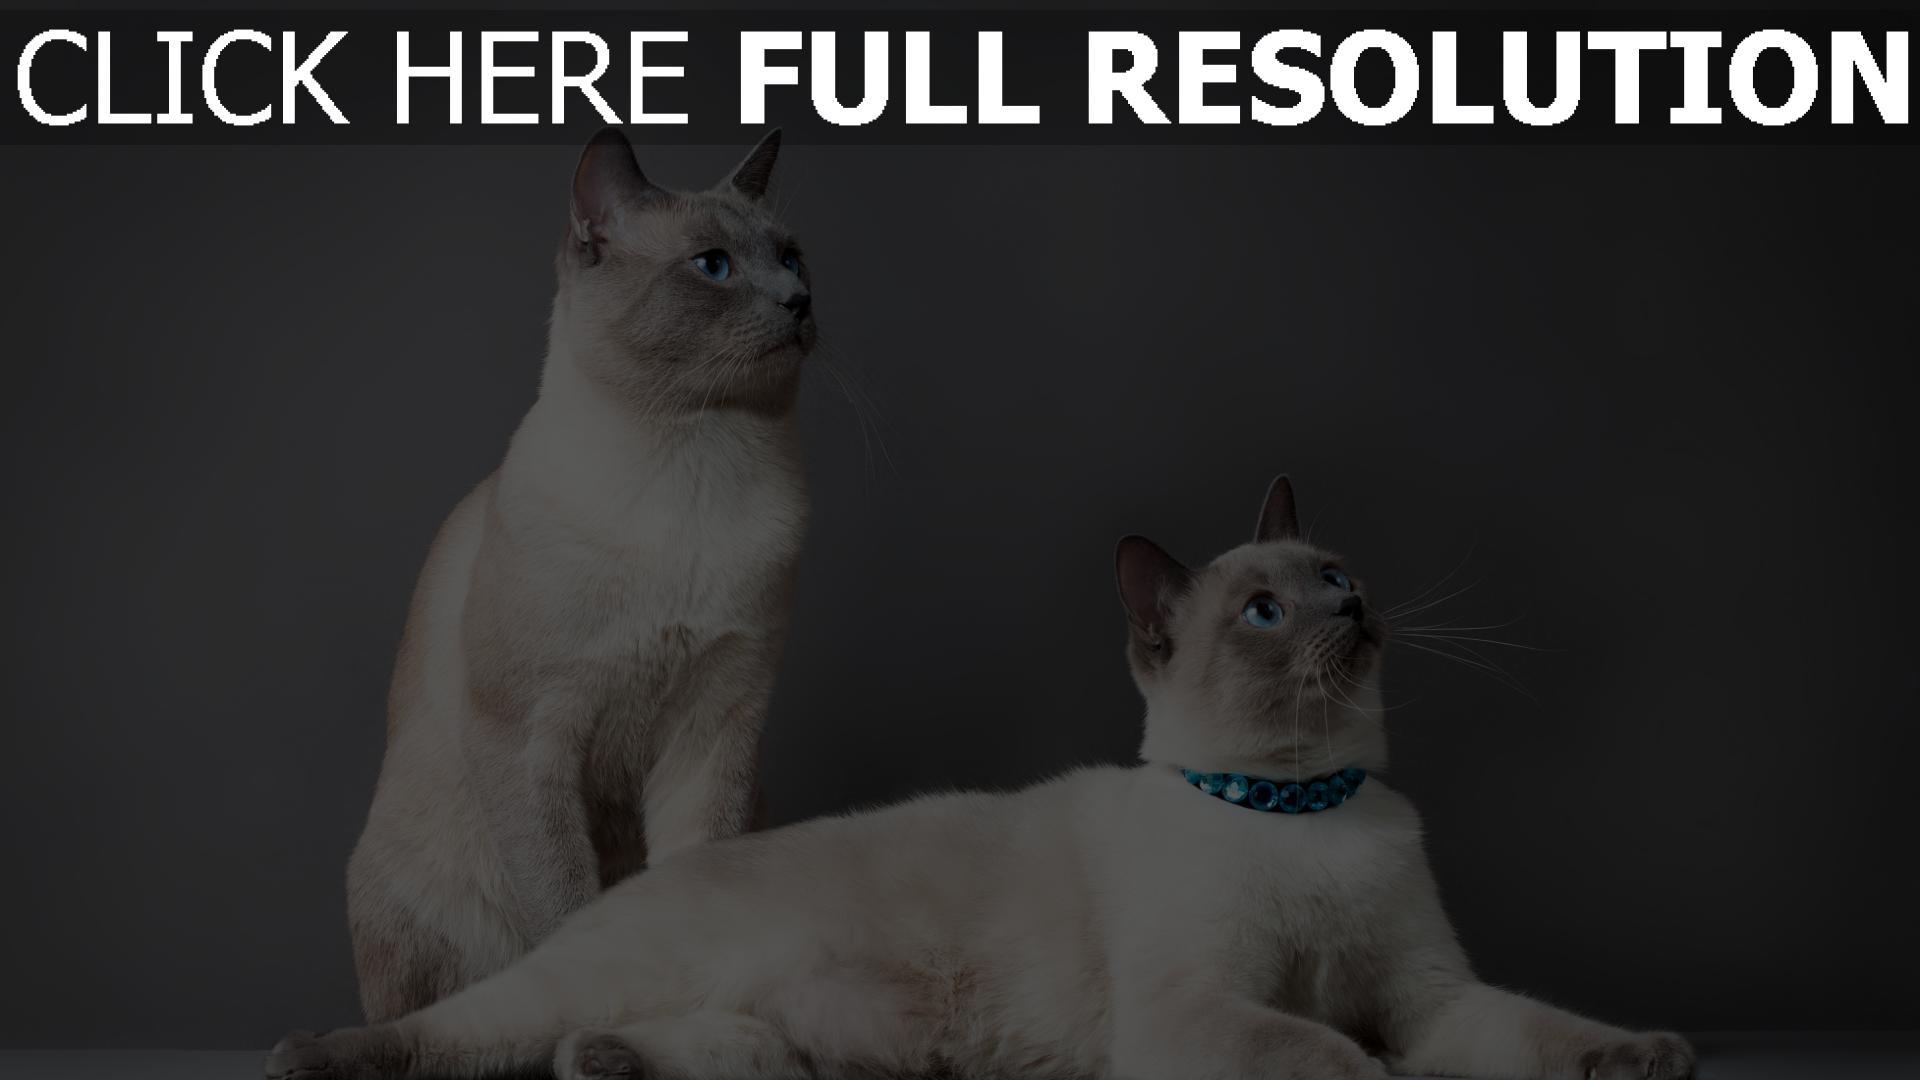 Herunterladen 1920x1080 Full HD Hintergrundbilder Katzen